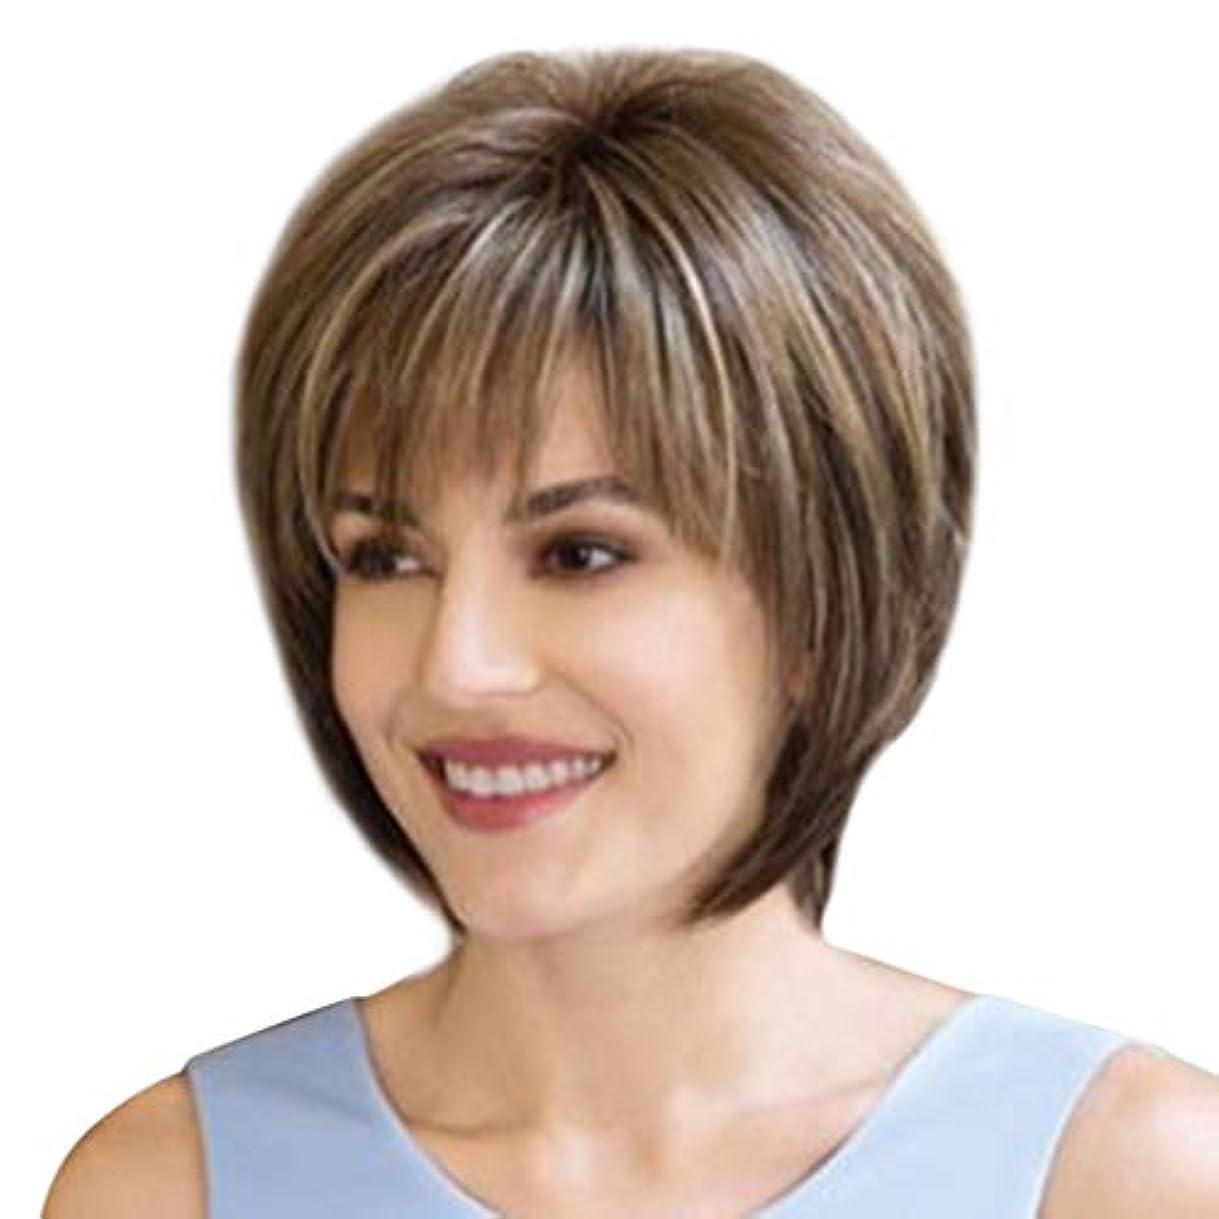 エッセイ会う受粉するCinhent 8インチファッション合成ストレートショートレディースウィッグふわふわ染色天然のリアルな髪の毛のかつら女性のファイバー